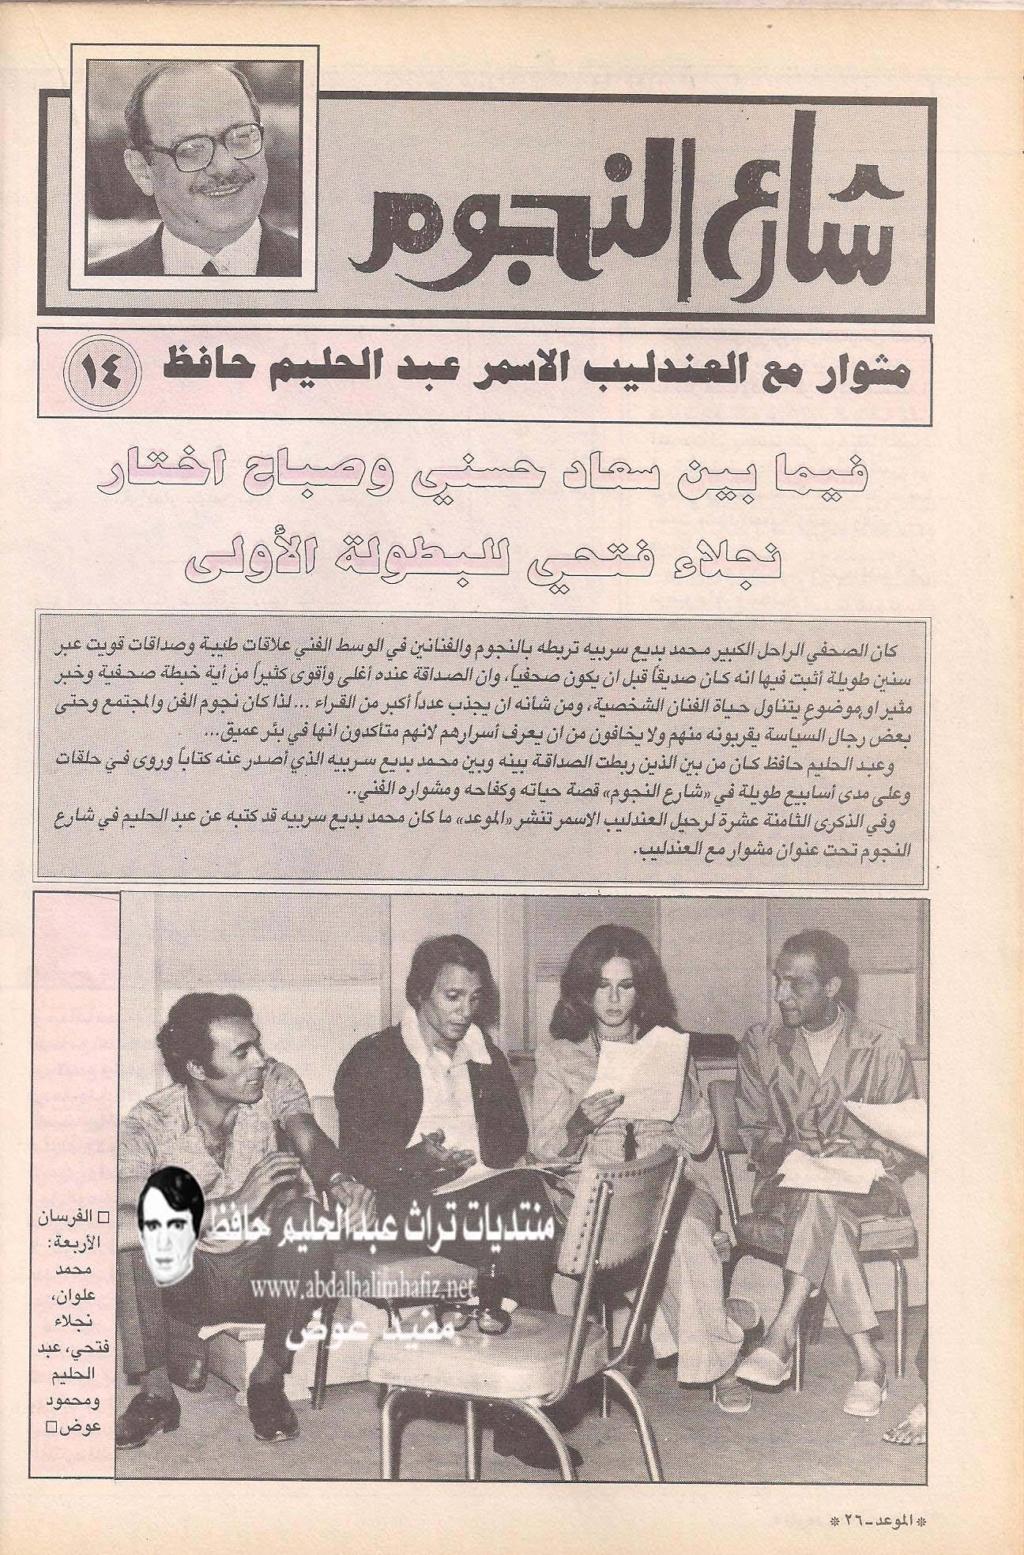 مقال - مقال صحفي : عبدالحليم حافظ .. بين سعاد حسني وصباح .. يختار نجلاء فتحي 1973 م 1246